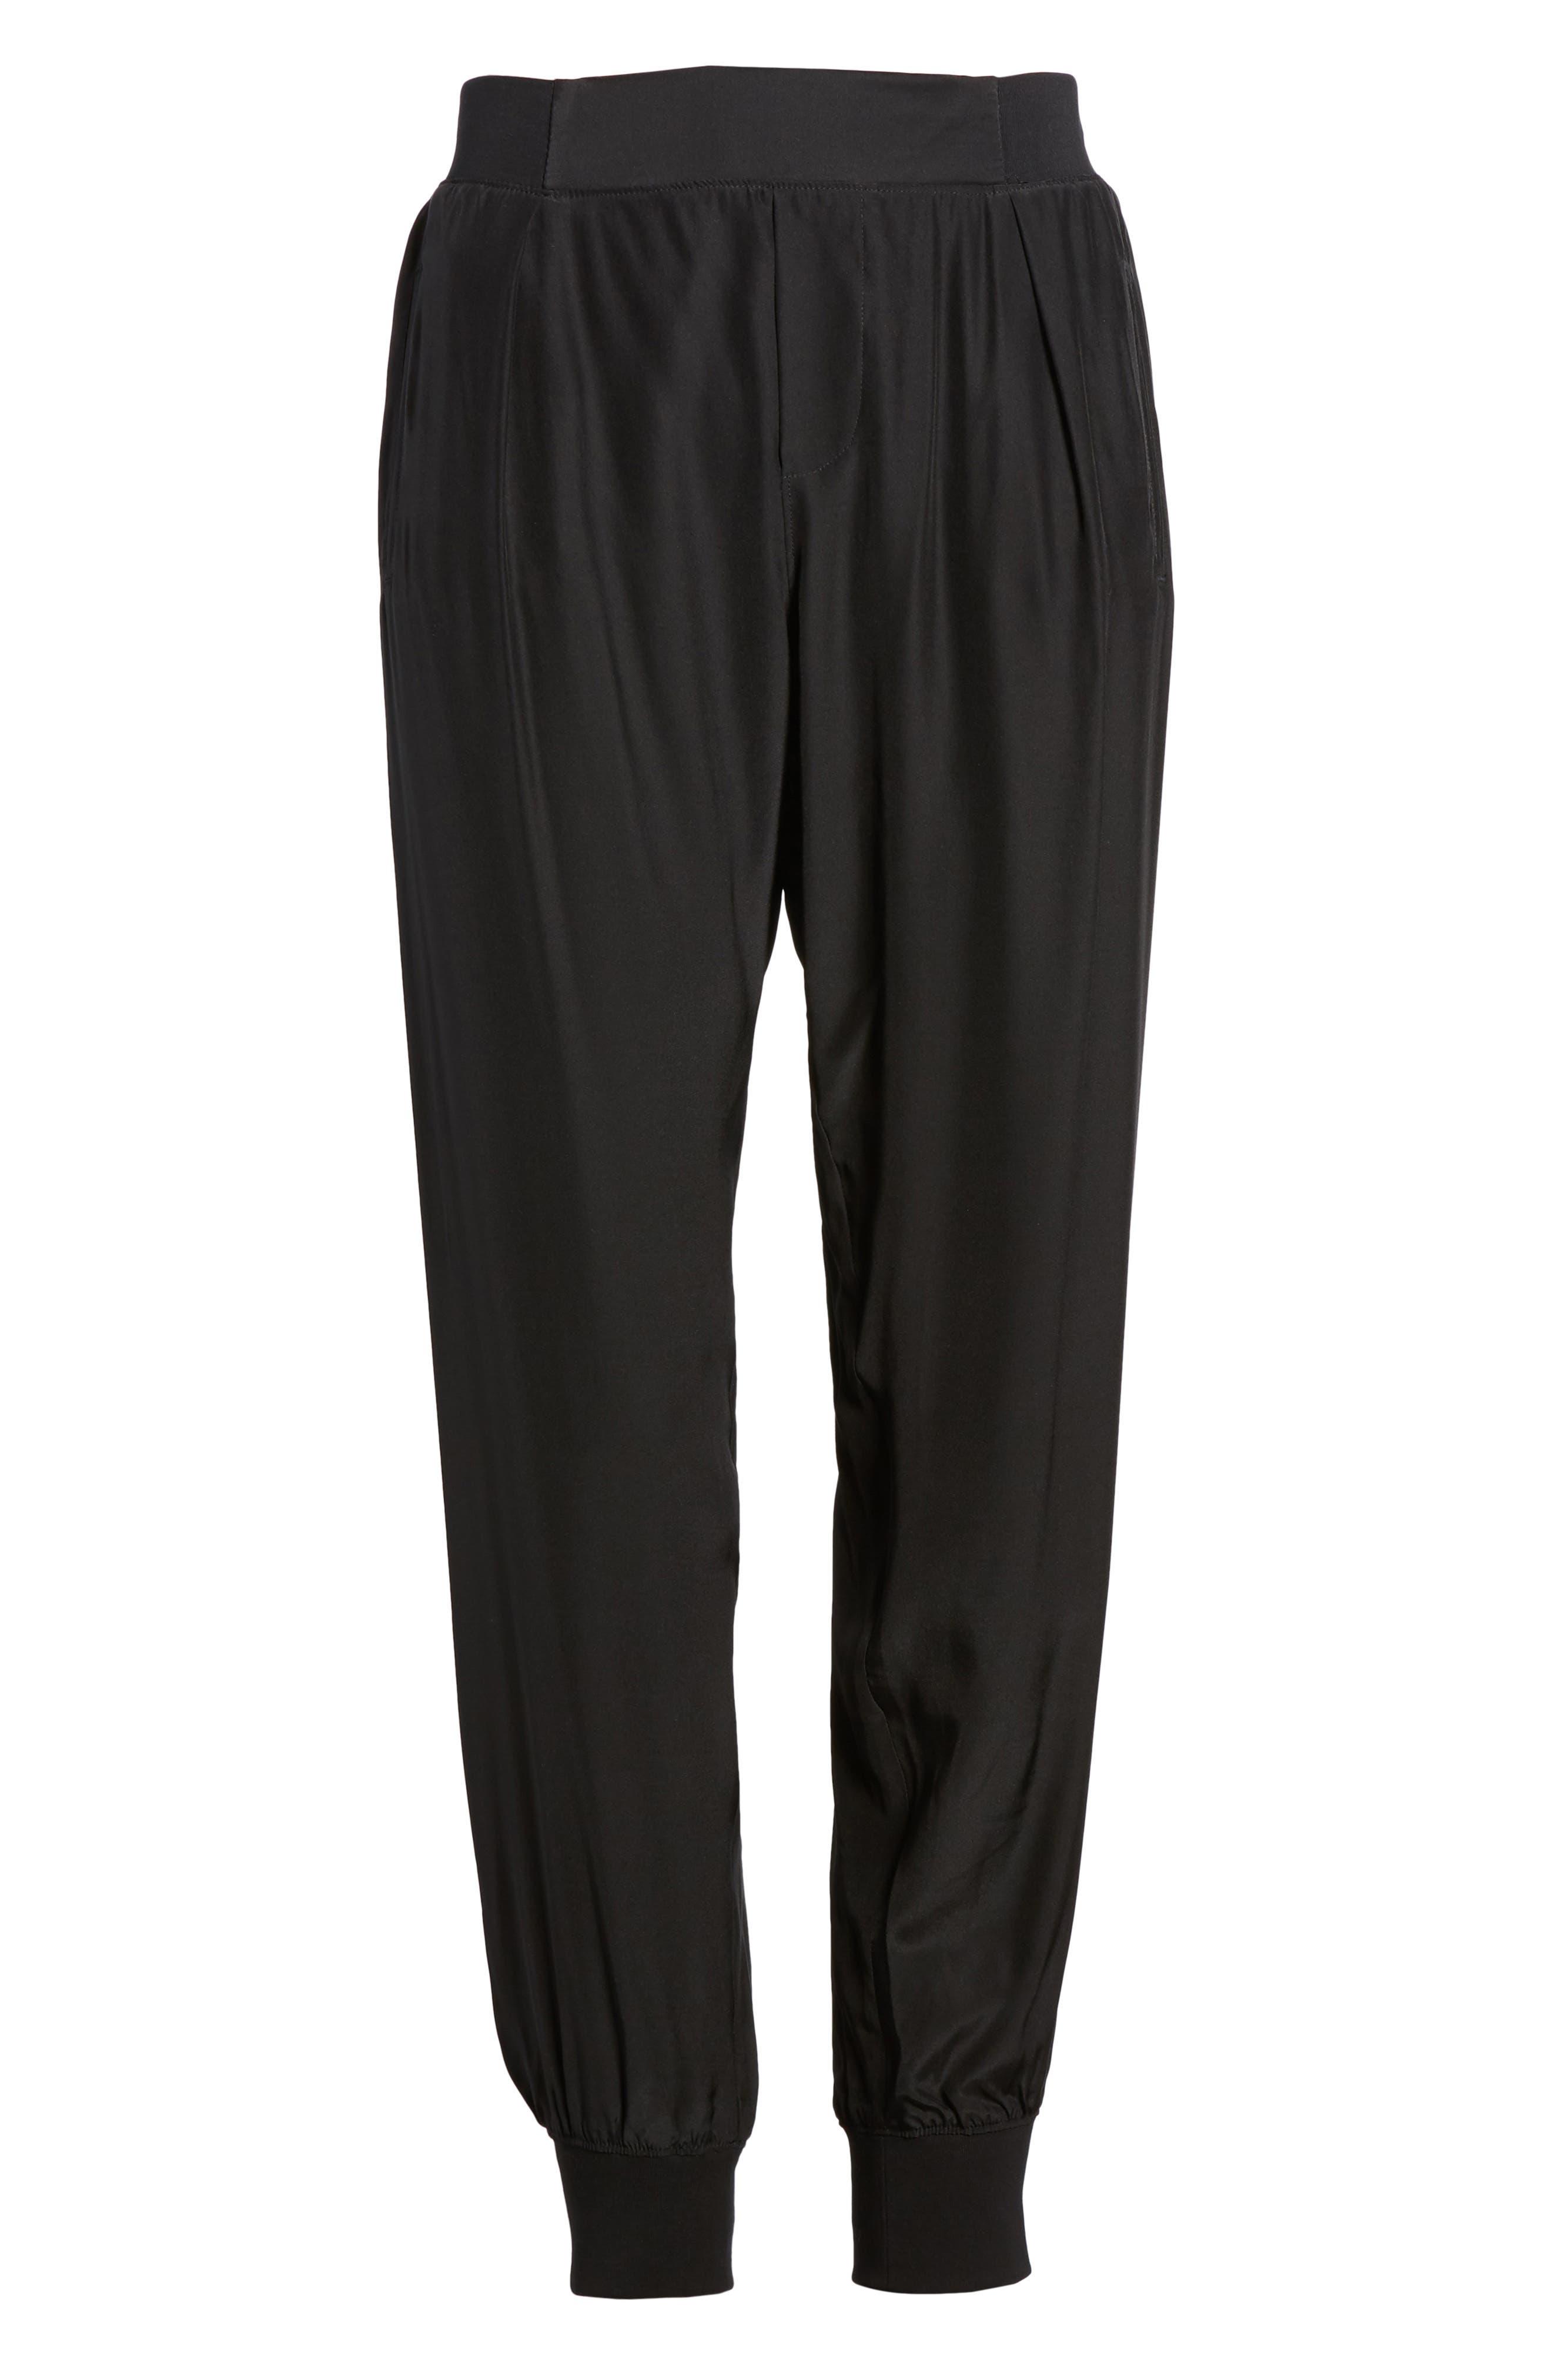 Silk Jogger Pants,                             Main thumbnail 1, color,                             001